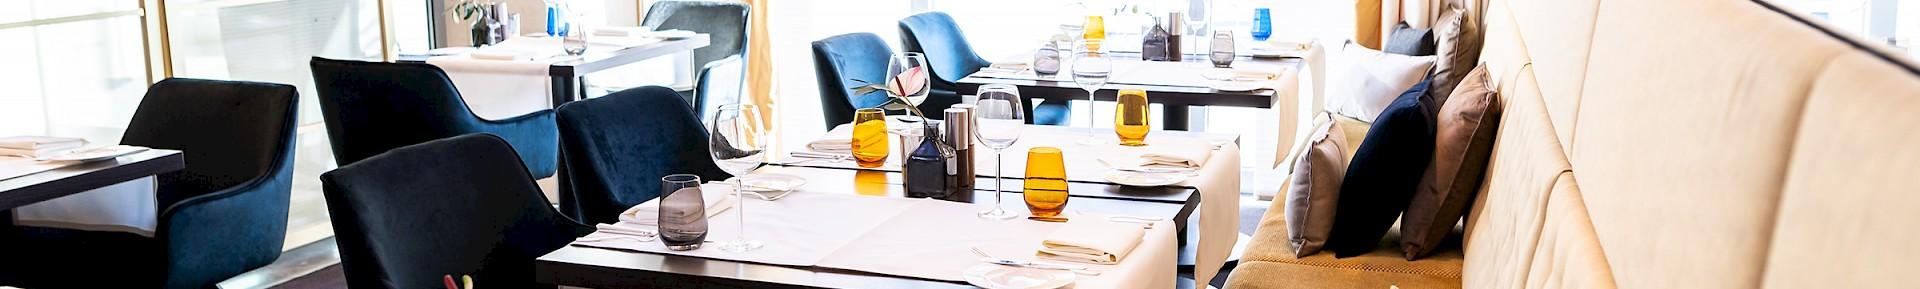 Het Restaurant Gabriels